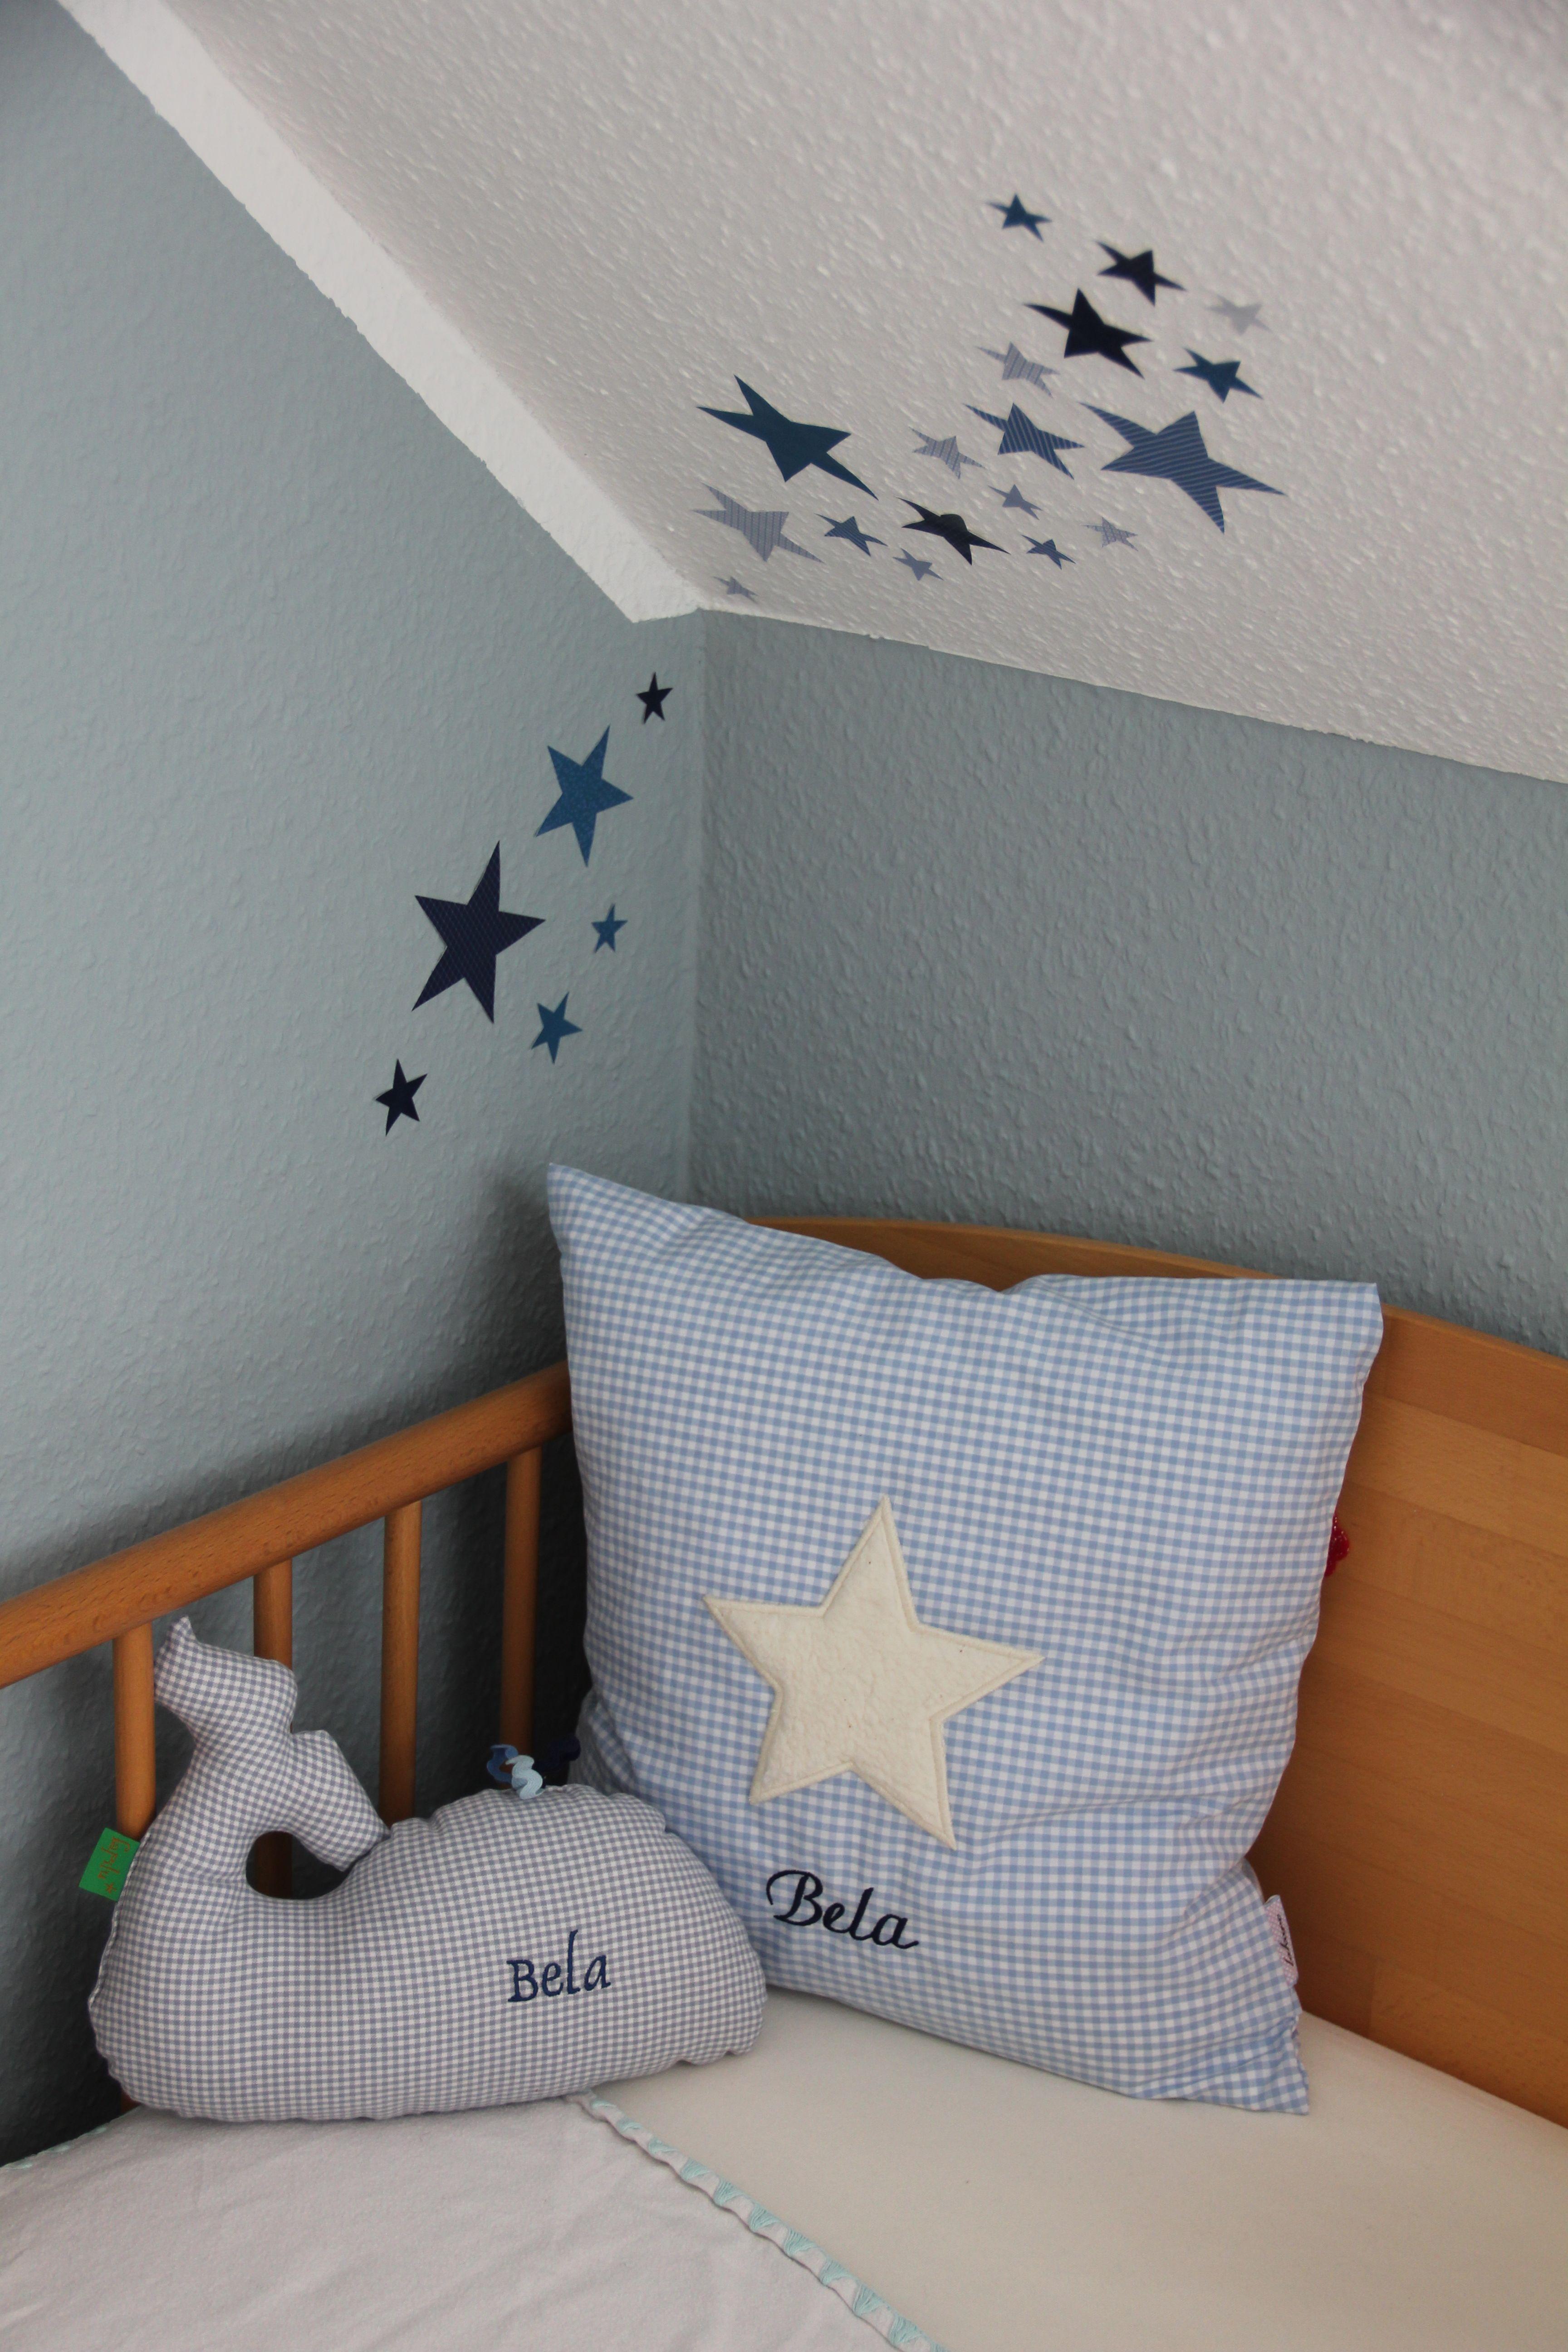 Kinderzimmer Wände | Andrea Hat Unsere Klebefolien Sterne Fur Bela Versetzt An Die Wand